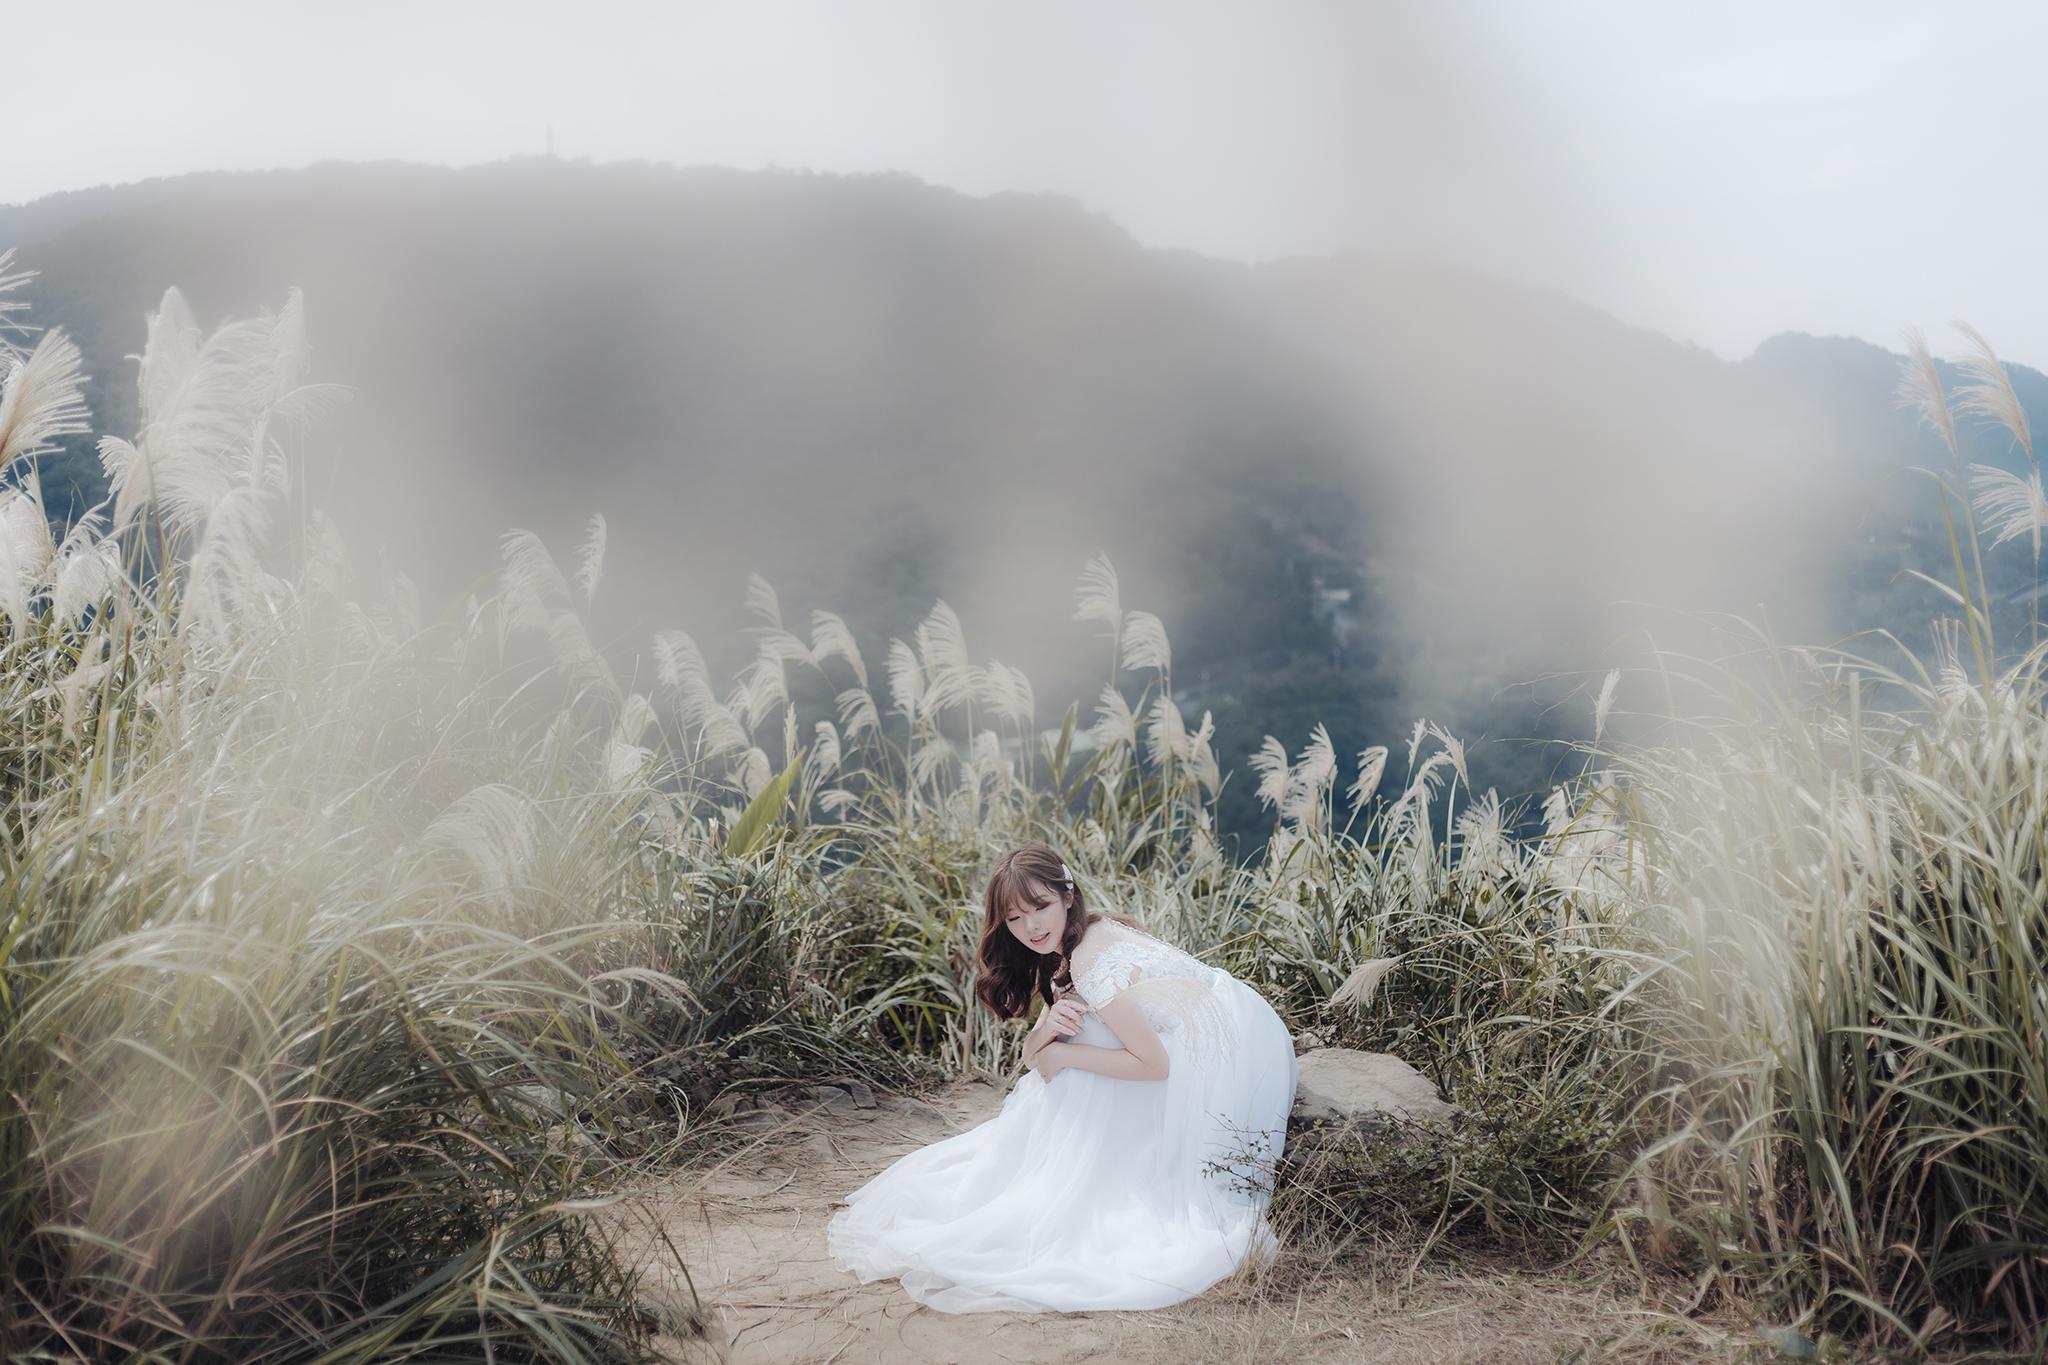 50697325377 e13ed0f65a o - 【自主婚紗】+凱婷+